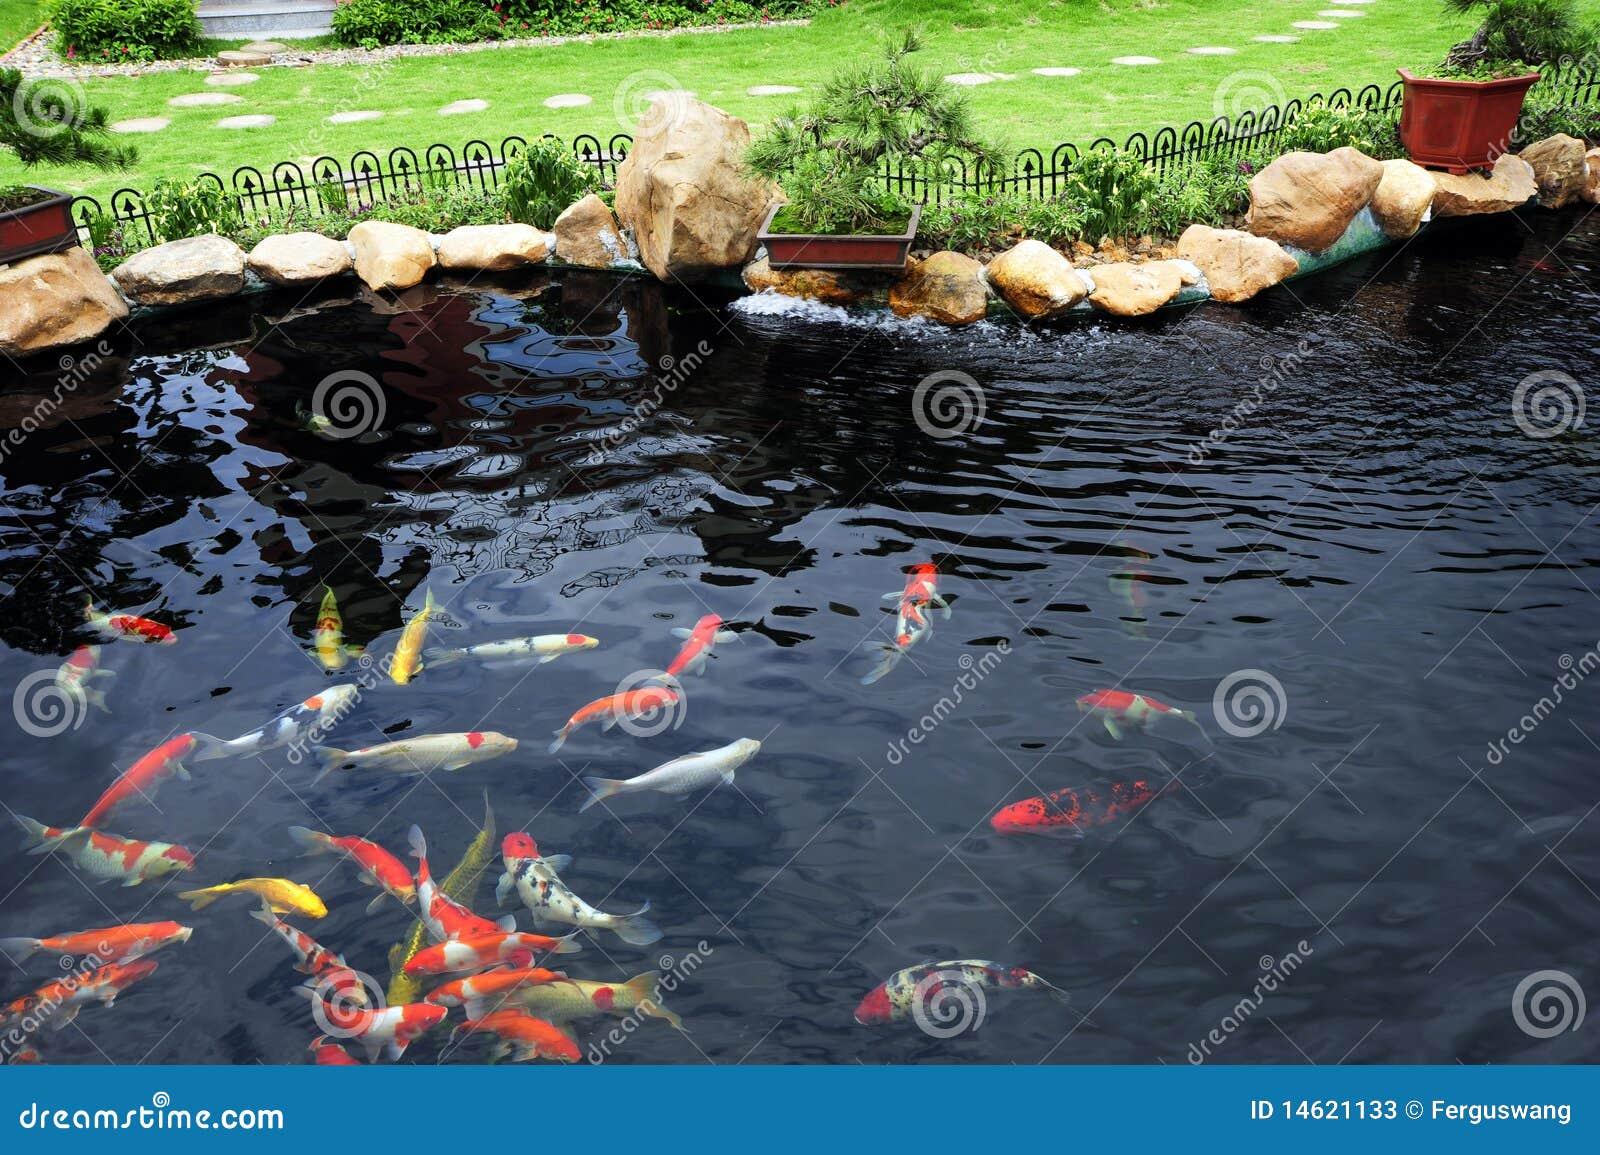 Uno stagno di pesci in giardino immagine stock immagine for Pesci da stagno